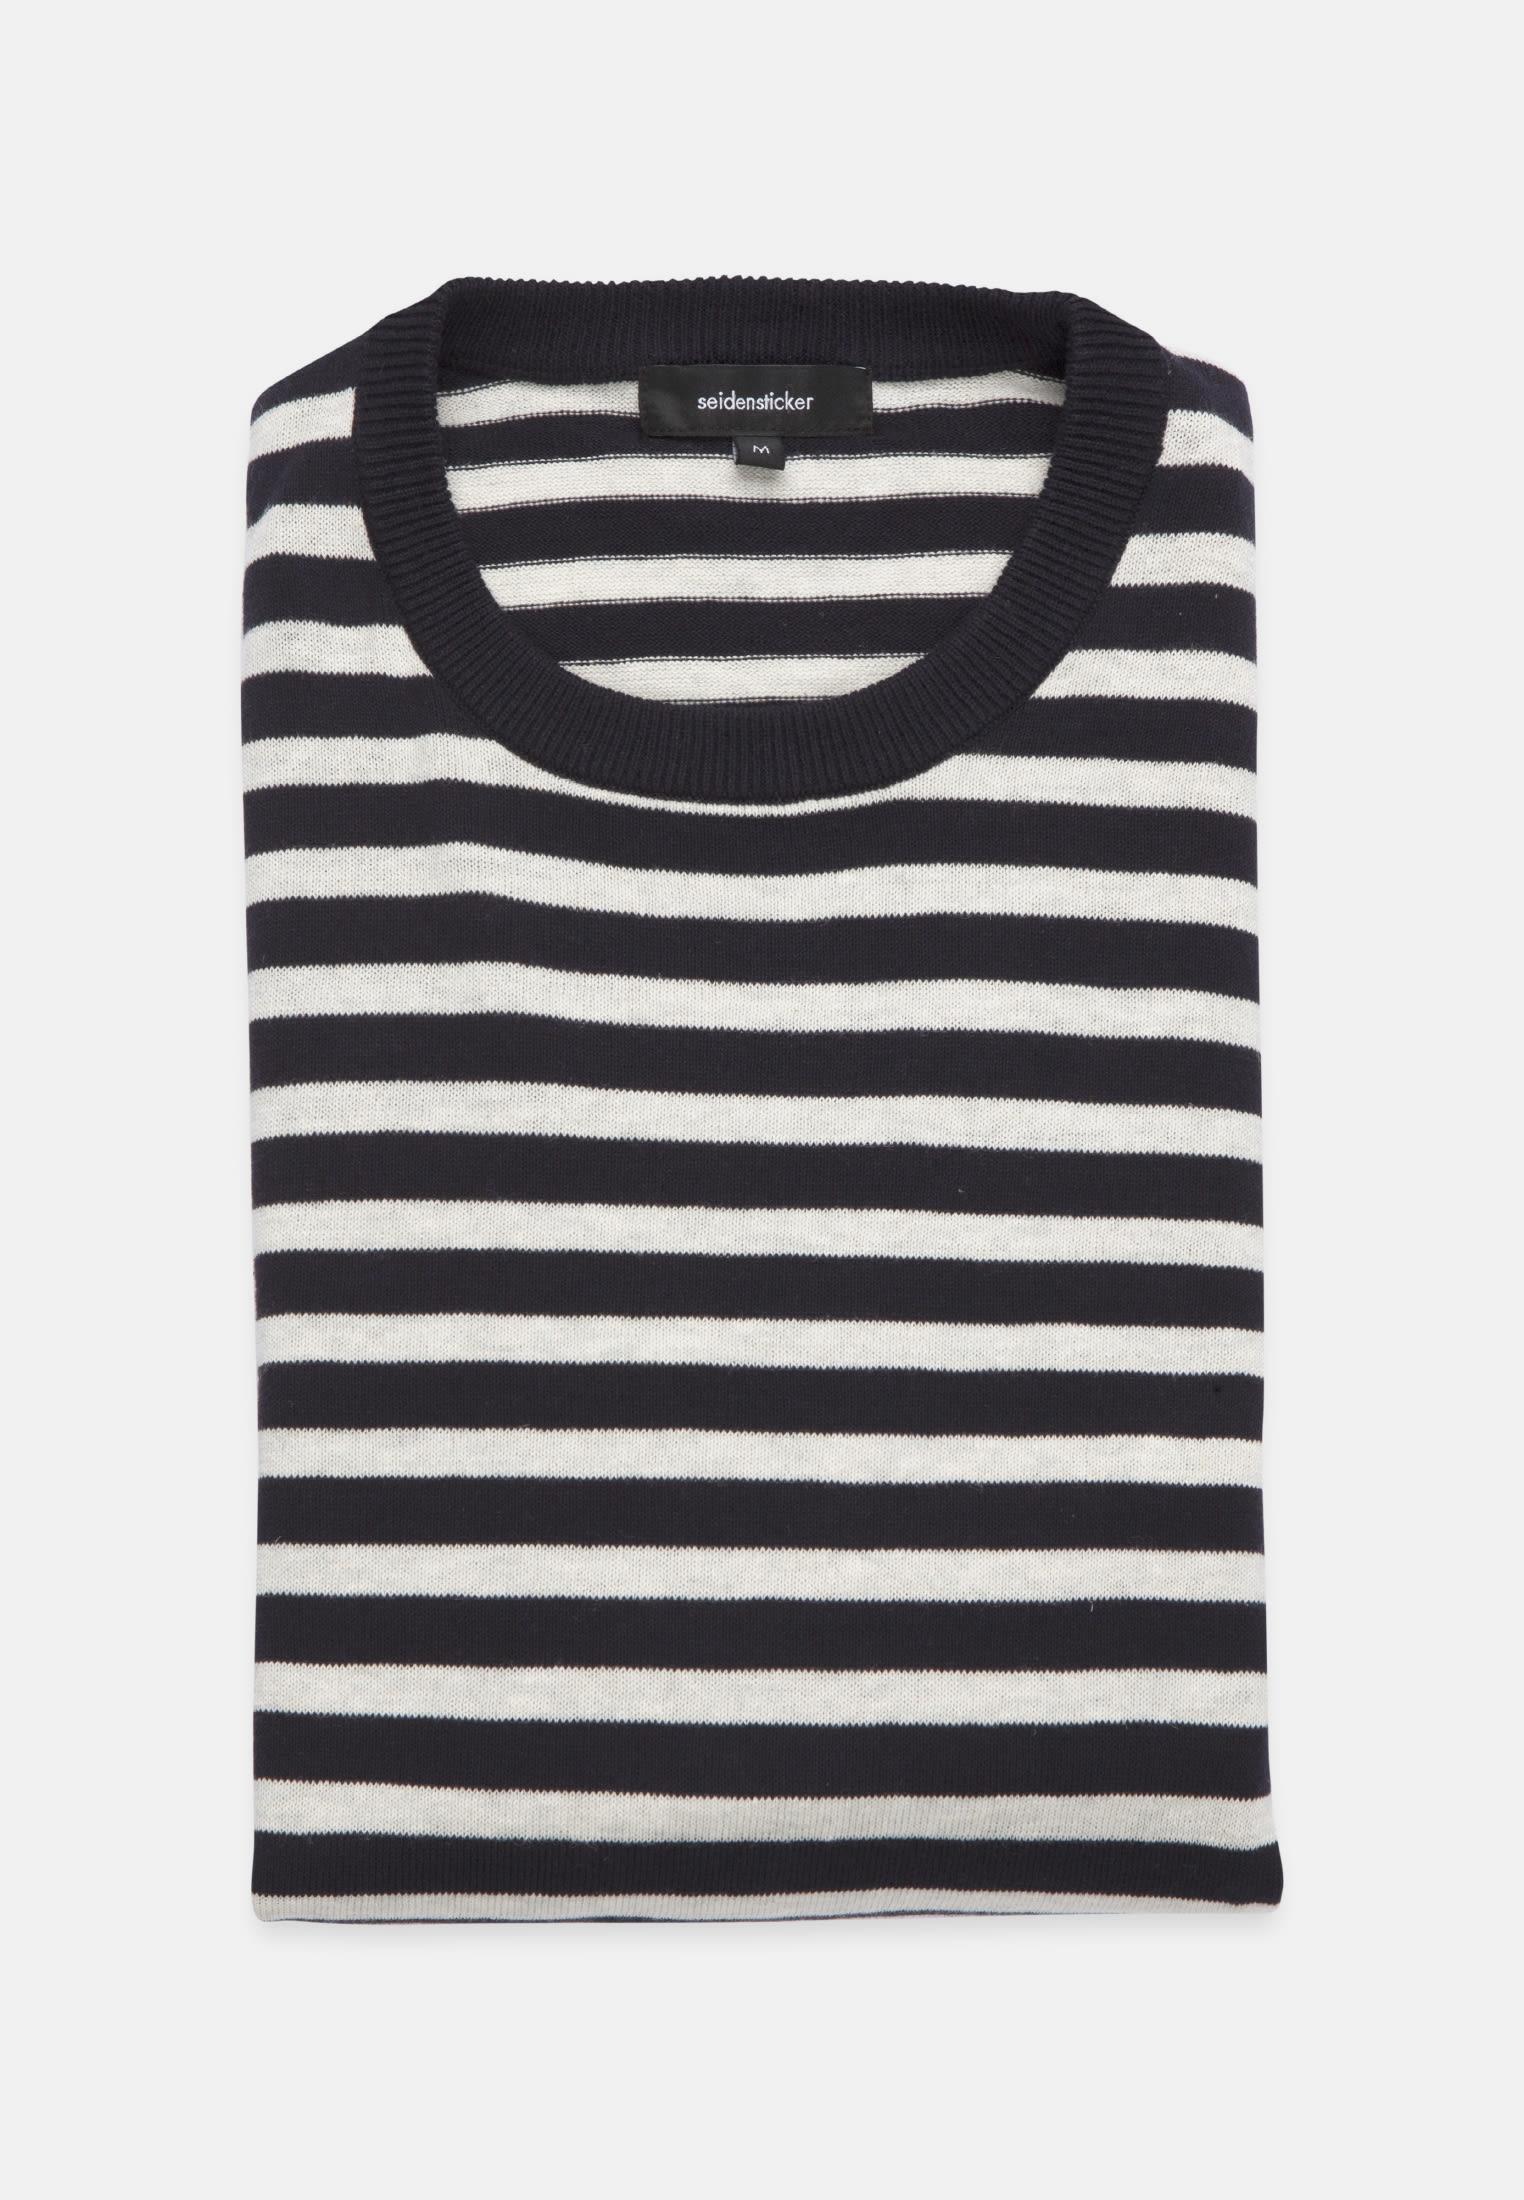 Rundhals Pullover aus 70% Baumwolle 30% Leinen/Flachs in Mittelblau |  Seidensticker Onlineshop